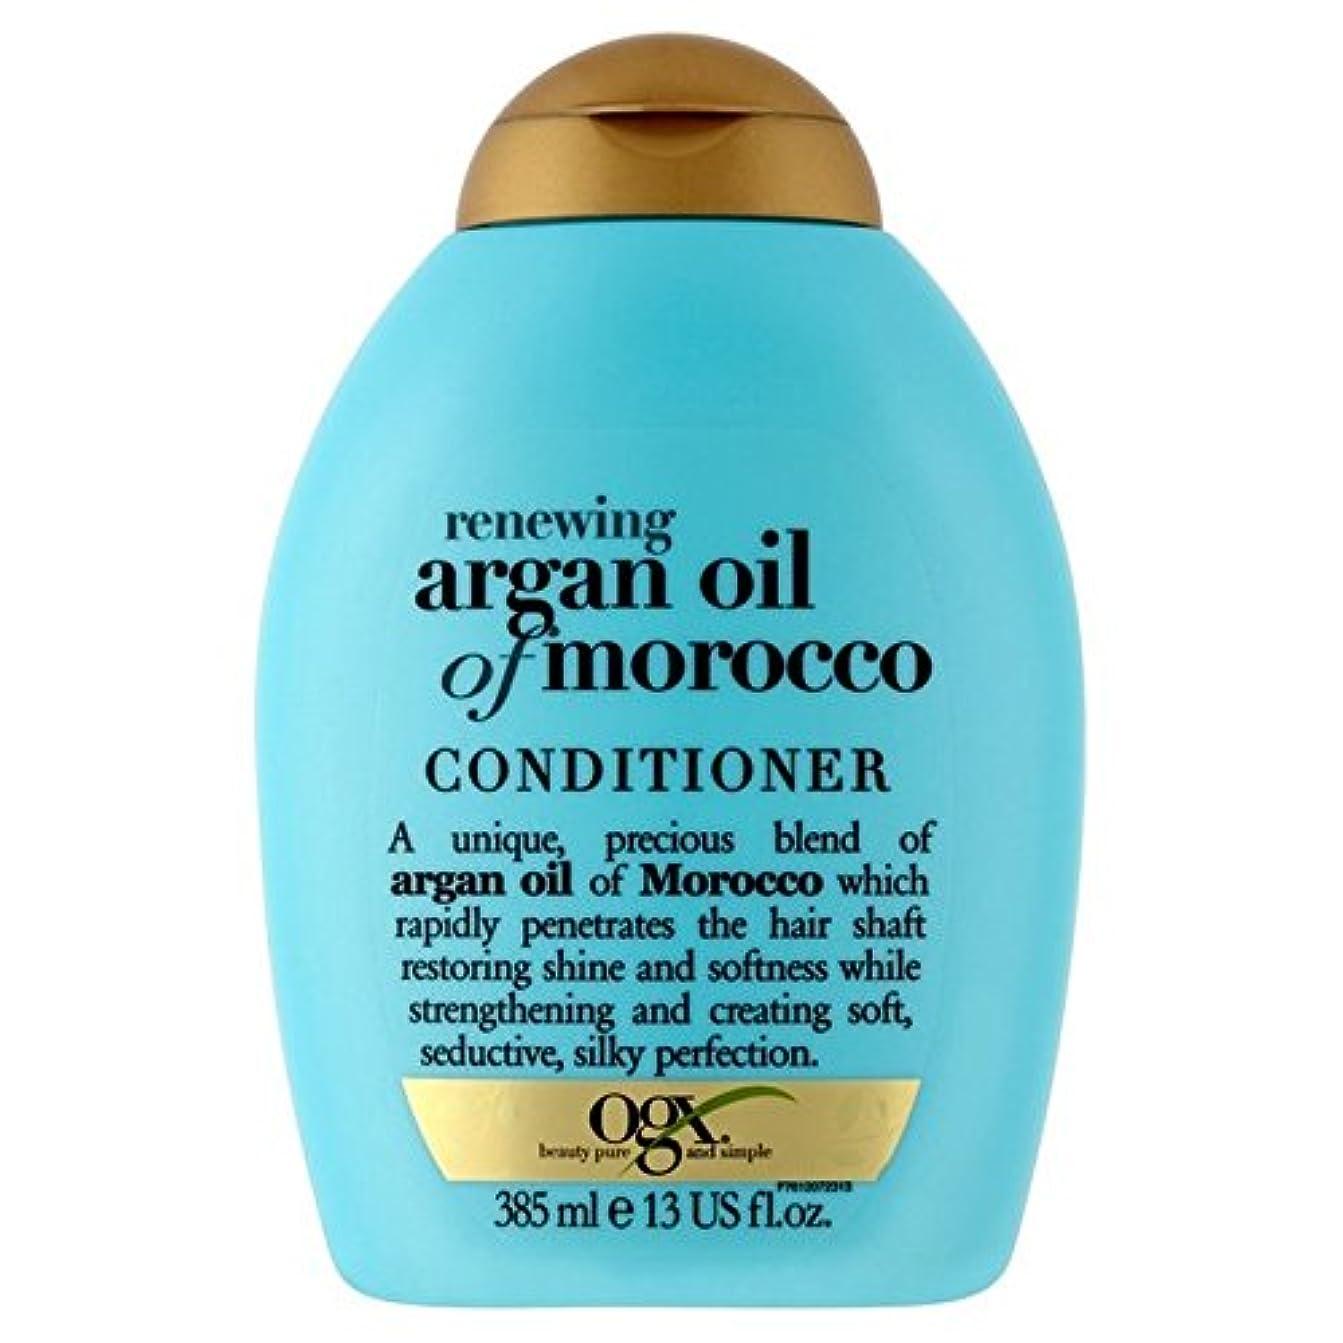 相互のぞき見ピアモロッコのアルガンオイルコンディショナー385ミリリットル x2 - Ogx Moroccan Argan Oil Conditioner 385ml (Pack of 2) [並行輸入品]